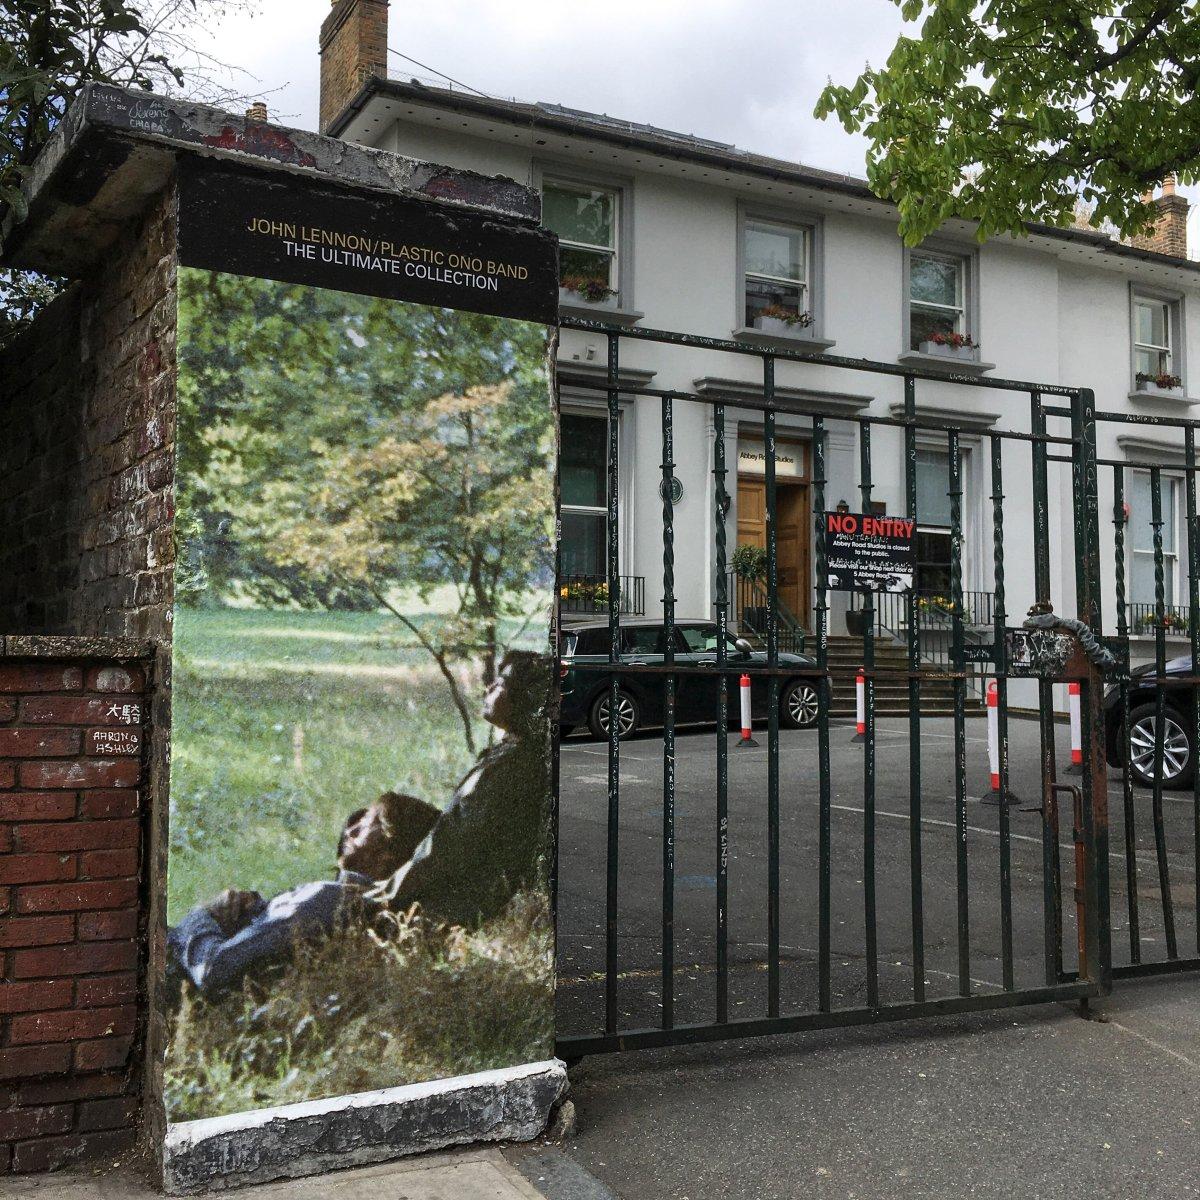 Abbey Road Studios in London in April 2021.